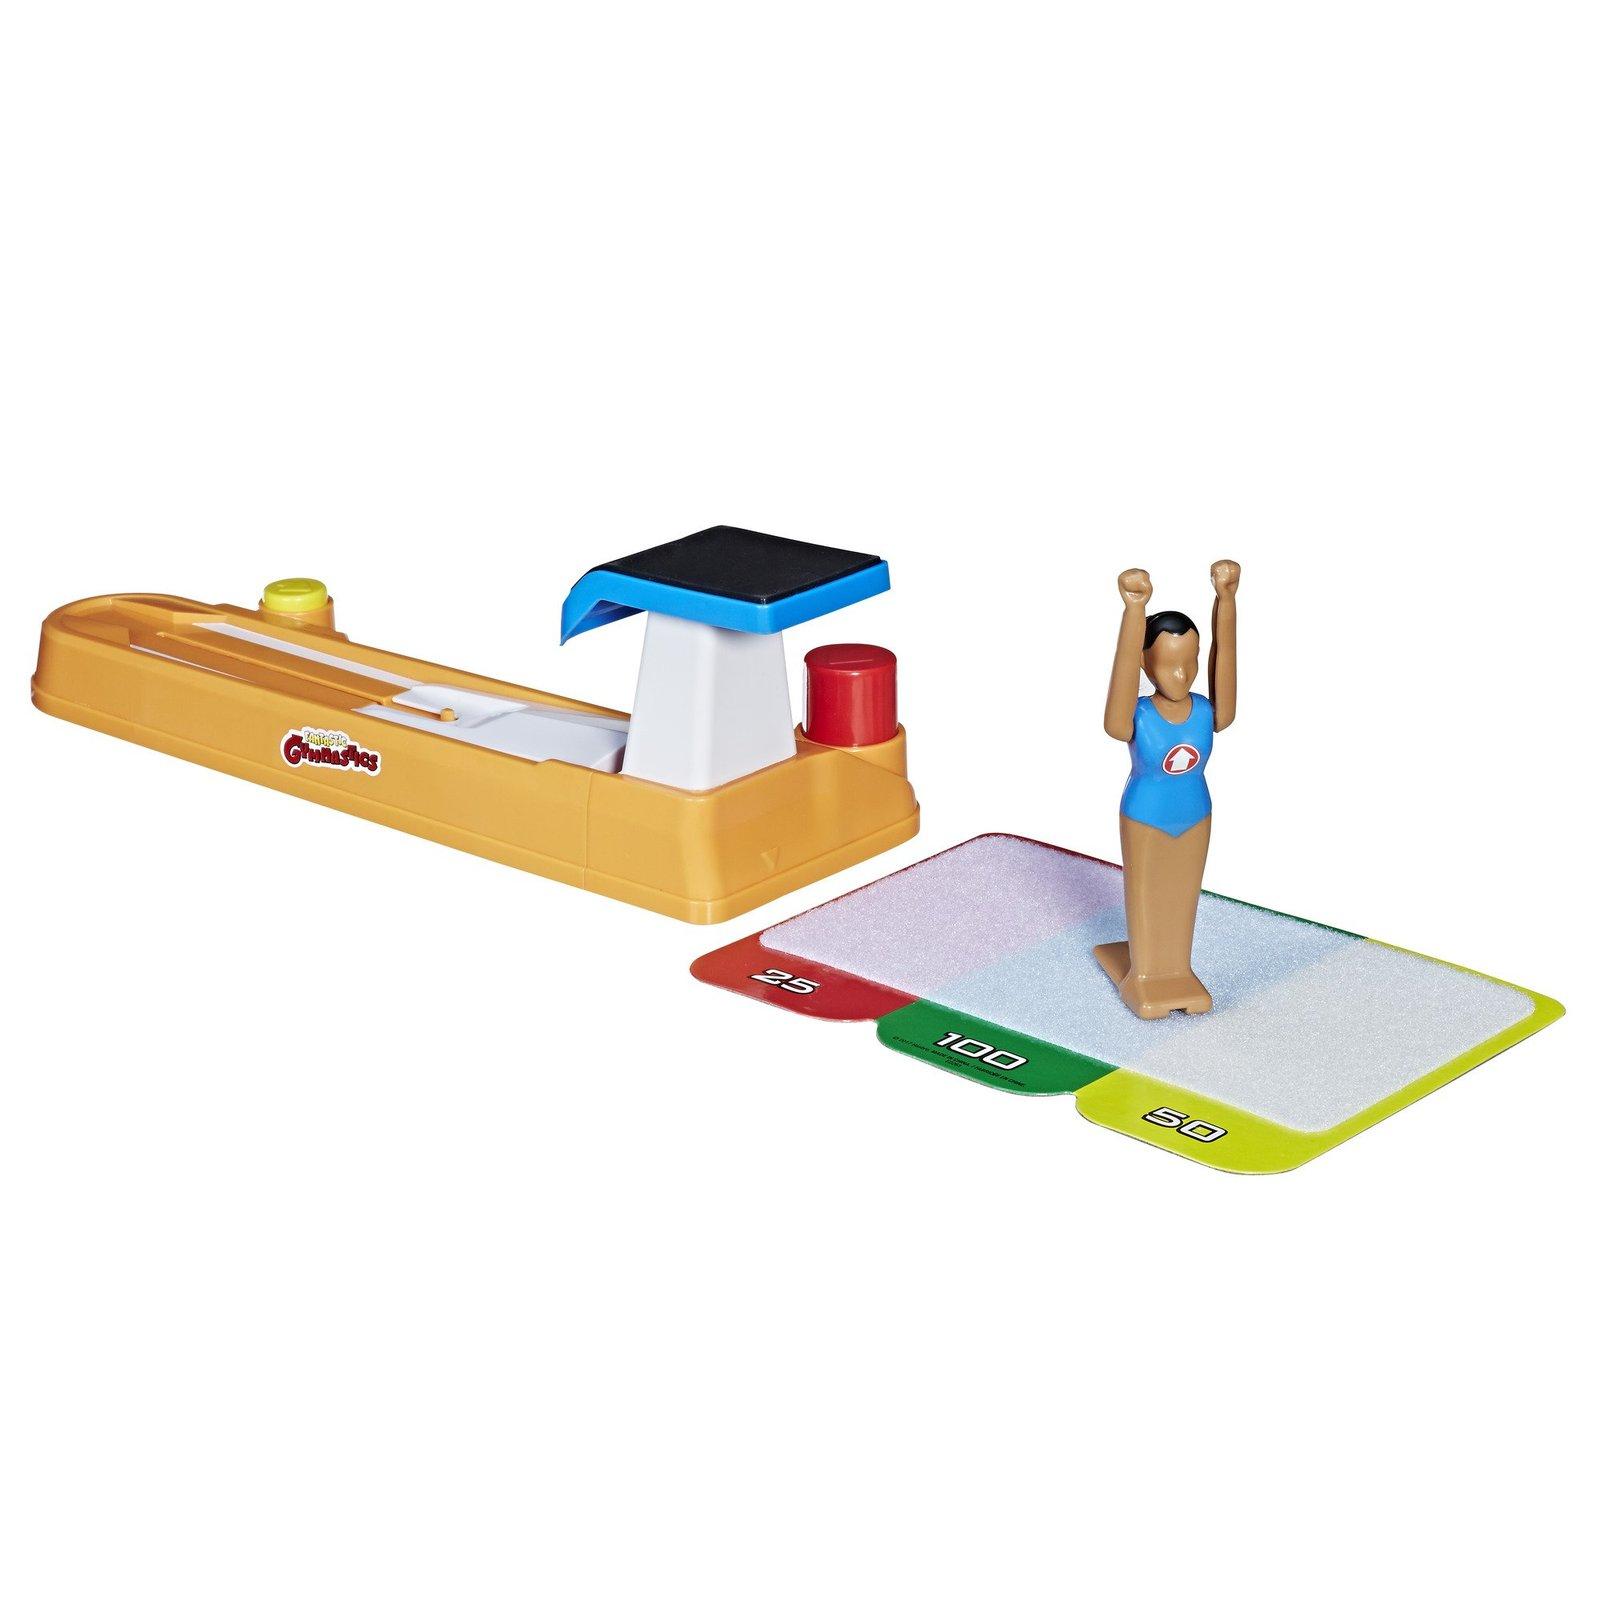 Fantastic Gymnastics Vault Challenge Game Gymnast Toy For Girls & Boys Ages 8+ image 2